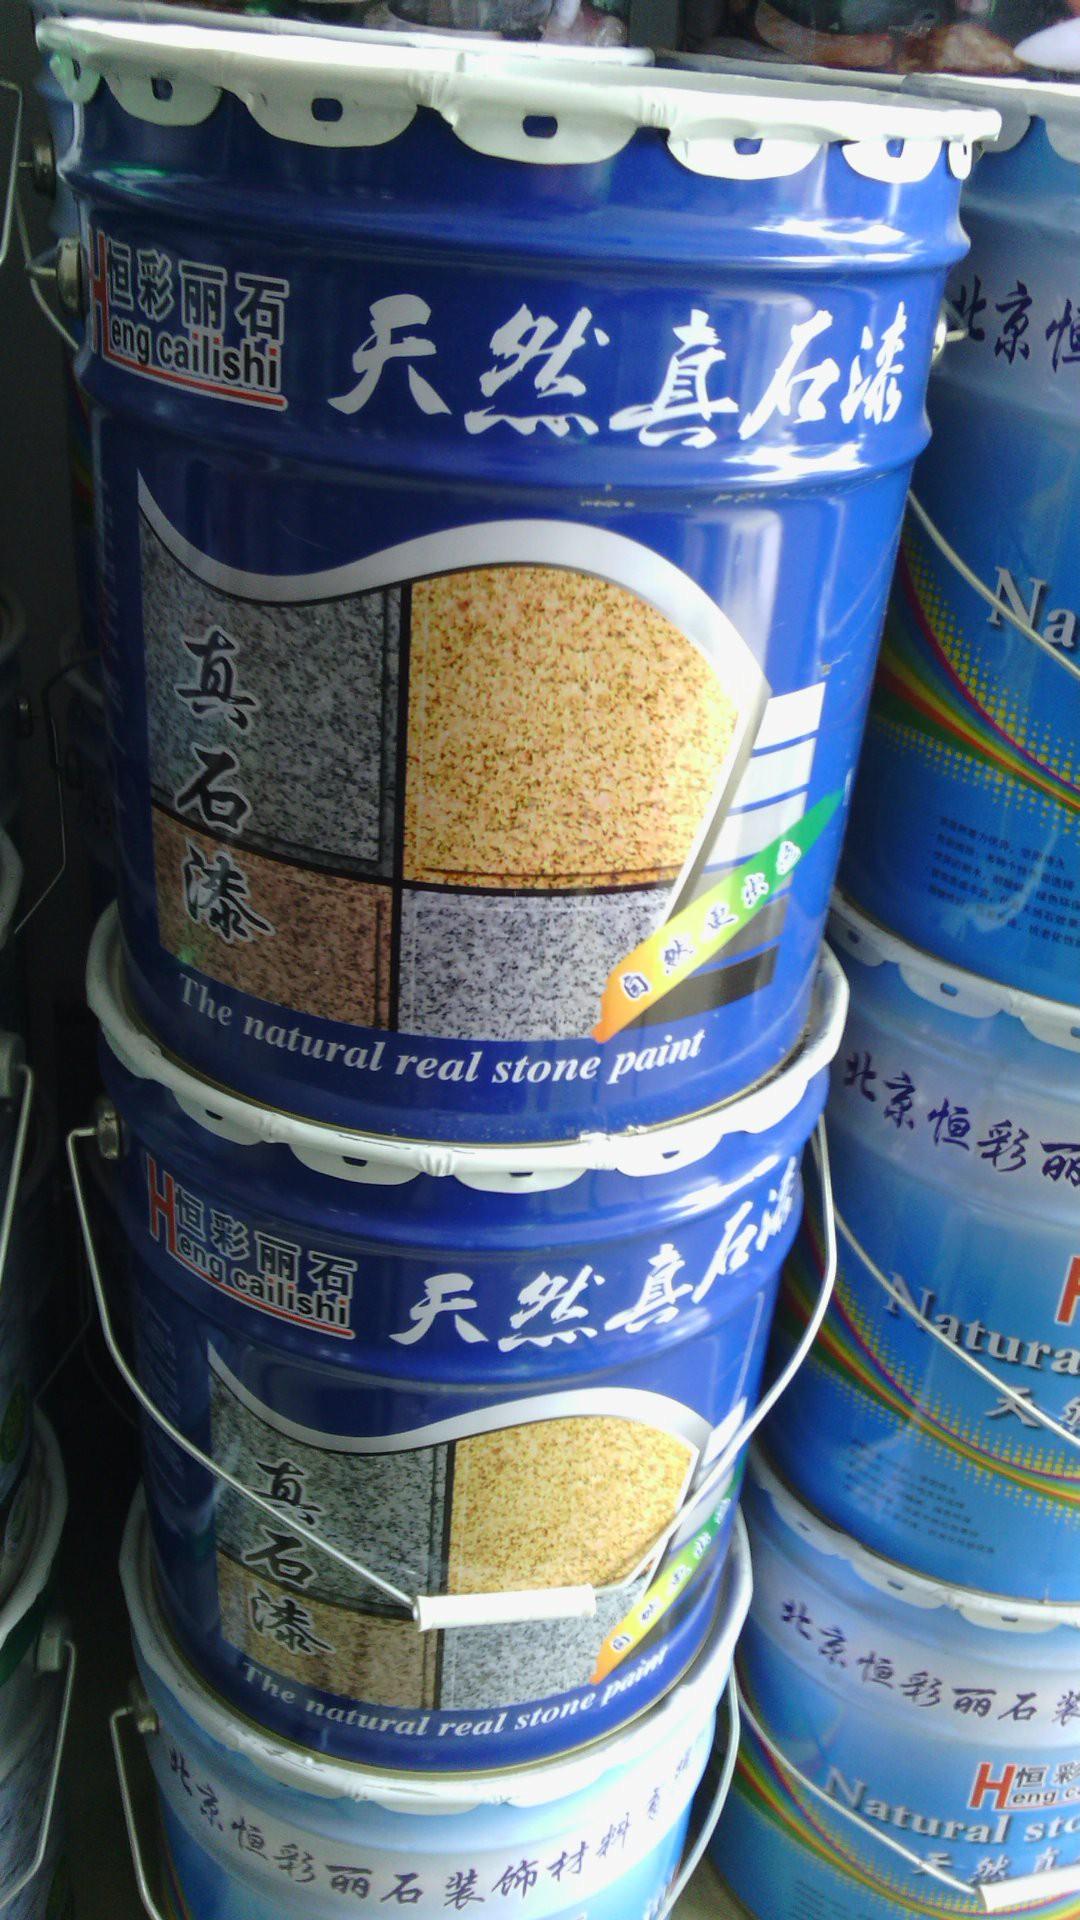 Масло для лица действительно каменные краска защитная пленка 35 юаней кг дешевые 15 кг мешок почты